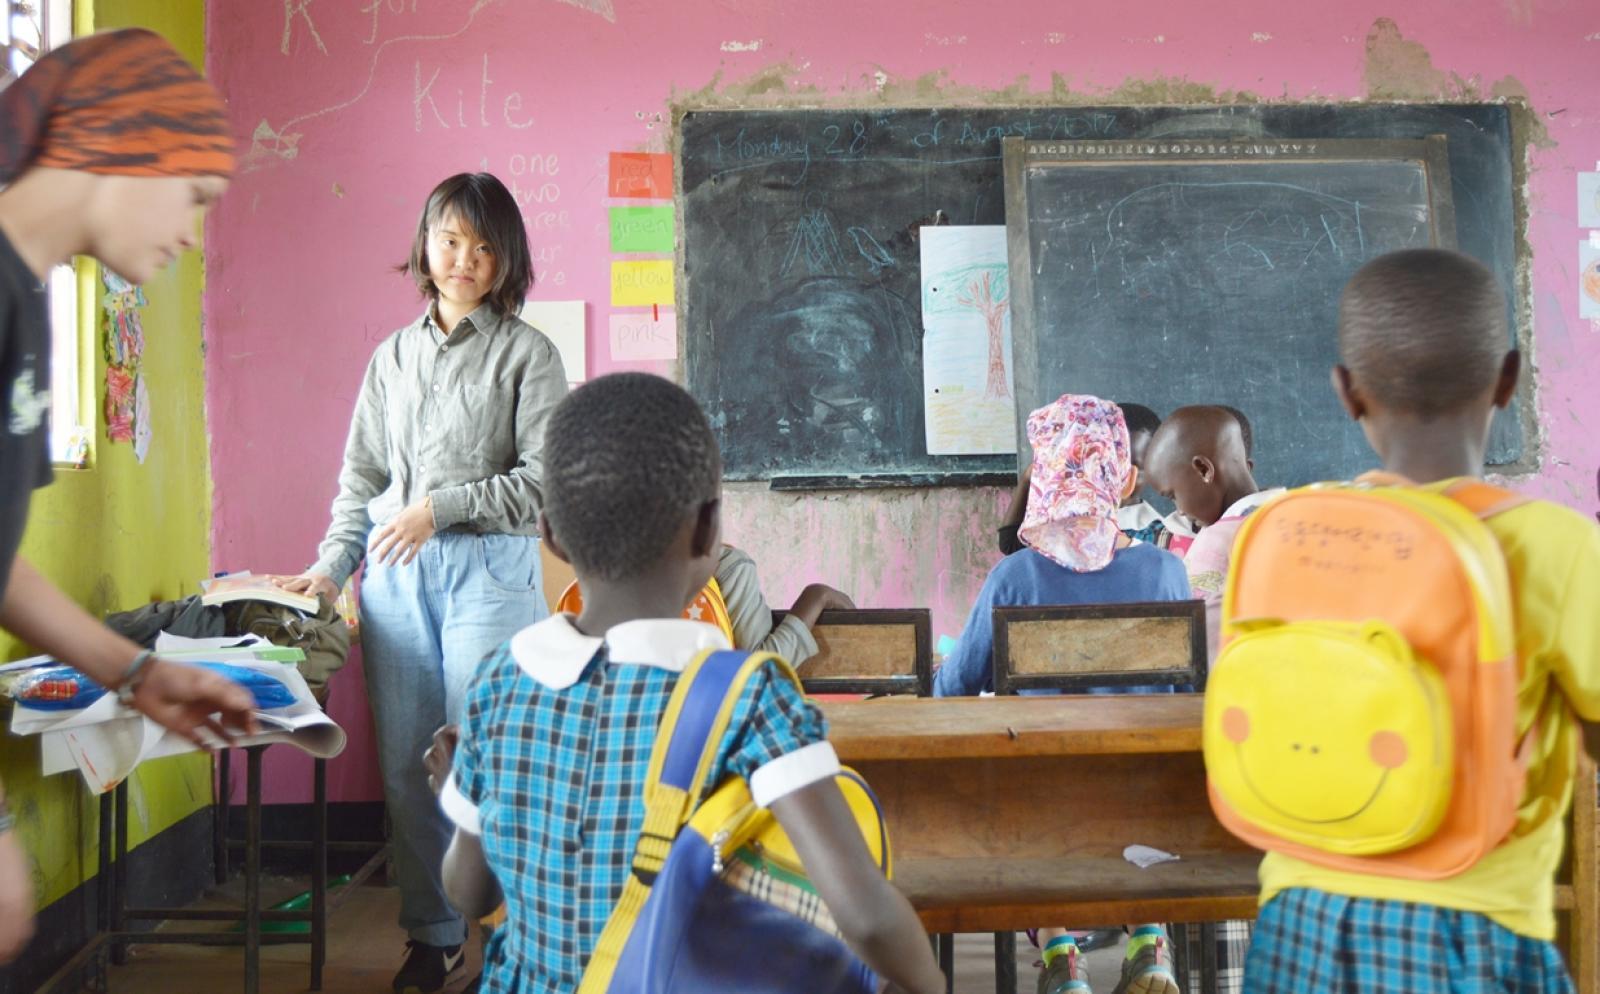 タンザニアでチャイルドケア活動に取り組む日本人ボランティア